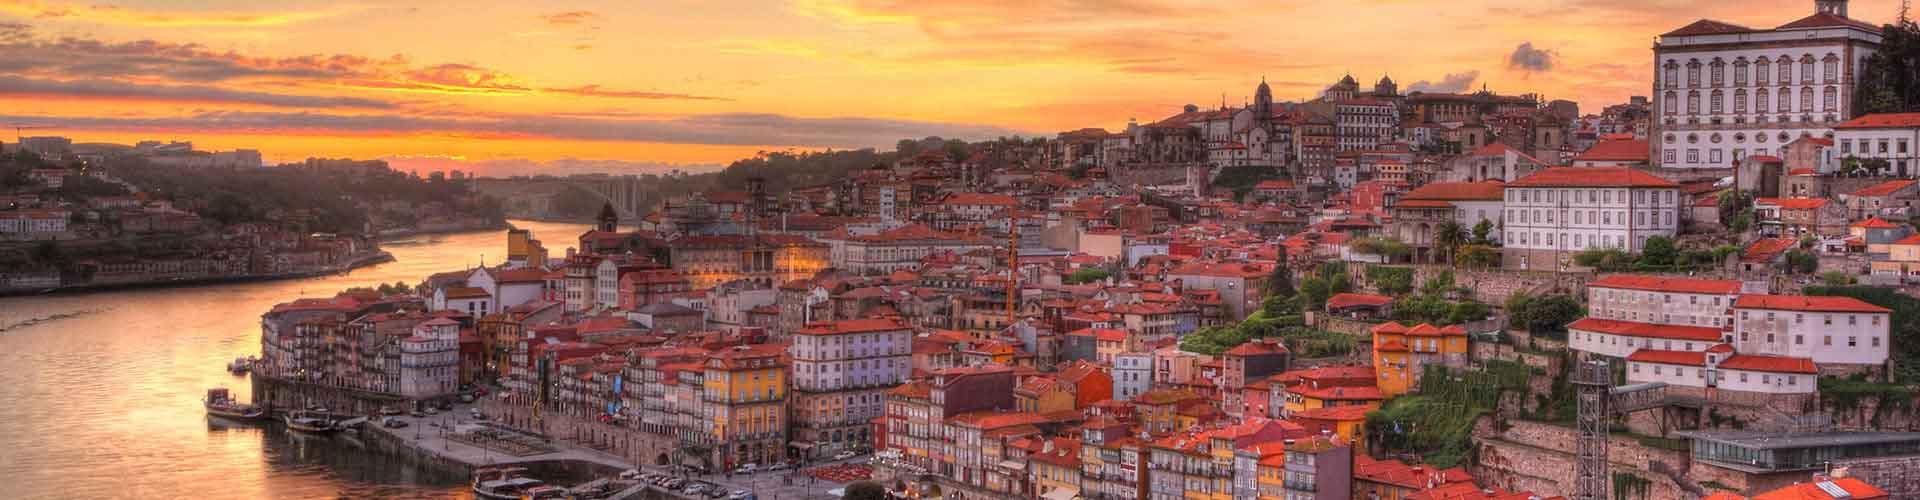 Porto - Camping w mieście Porto, Mapy miasta Porto, Zdjęcia i Recenzje dla każdego campingu w mieście Porto.